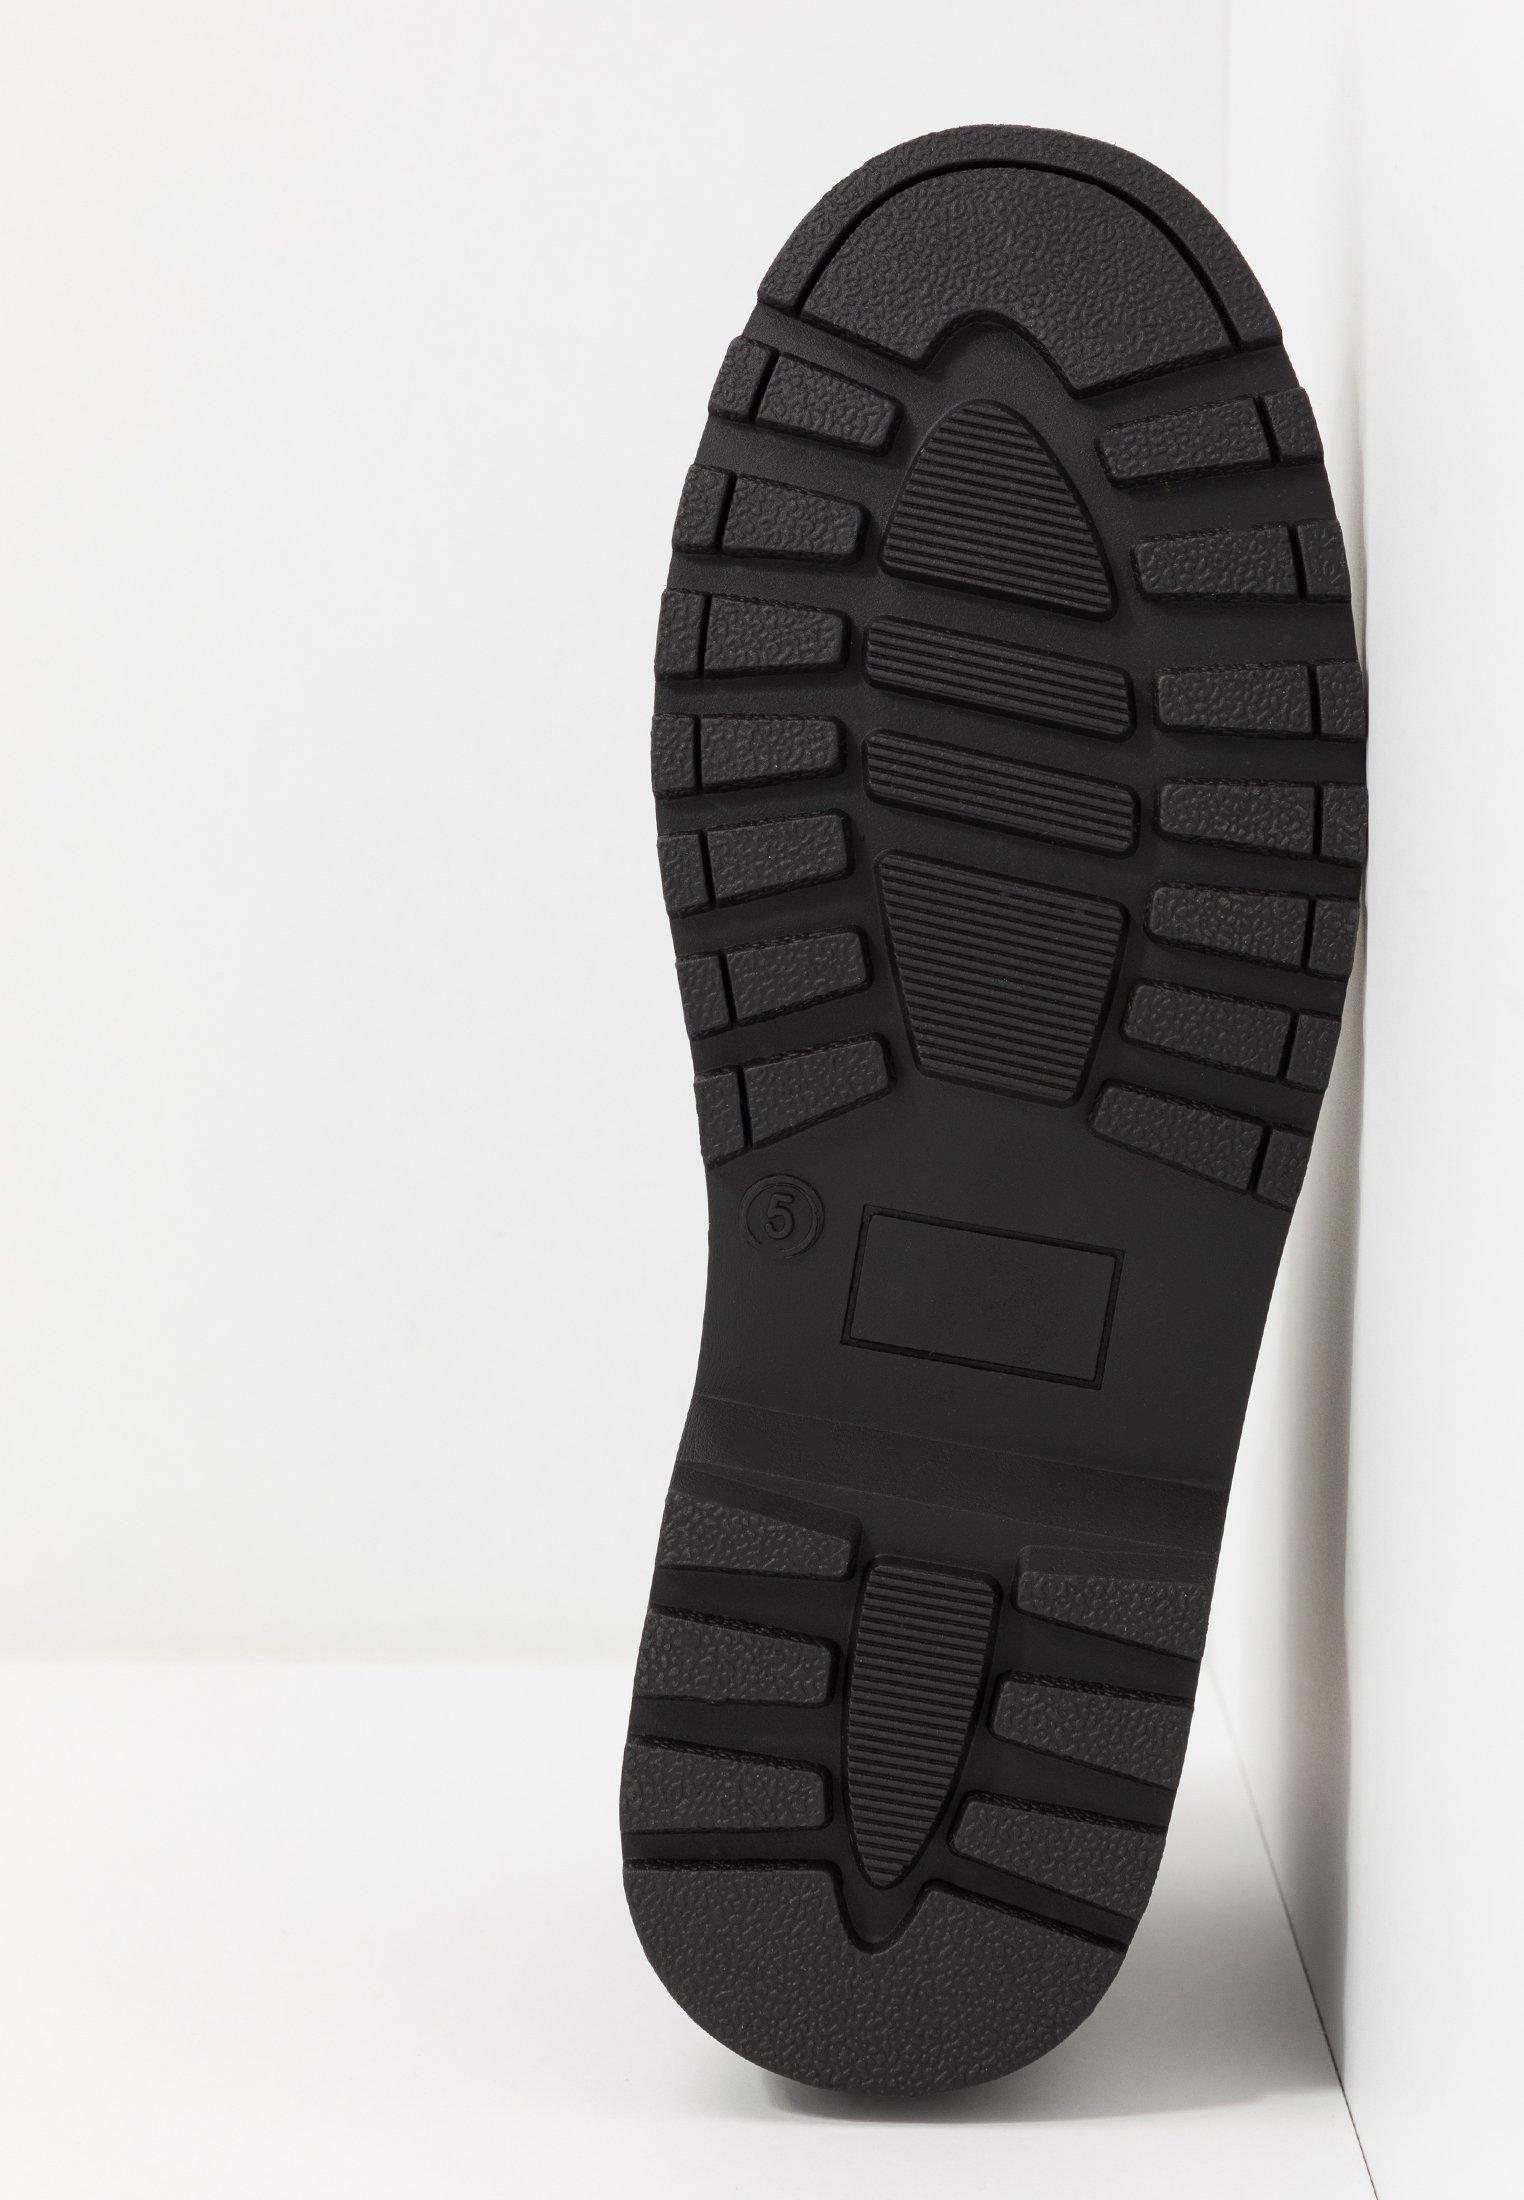 Topshop BRAMBLE CHELSEA BOOT - Stövletter - black